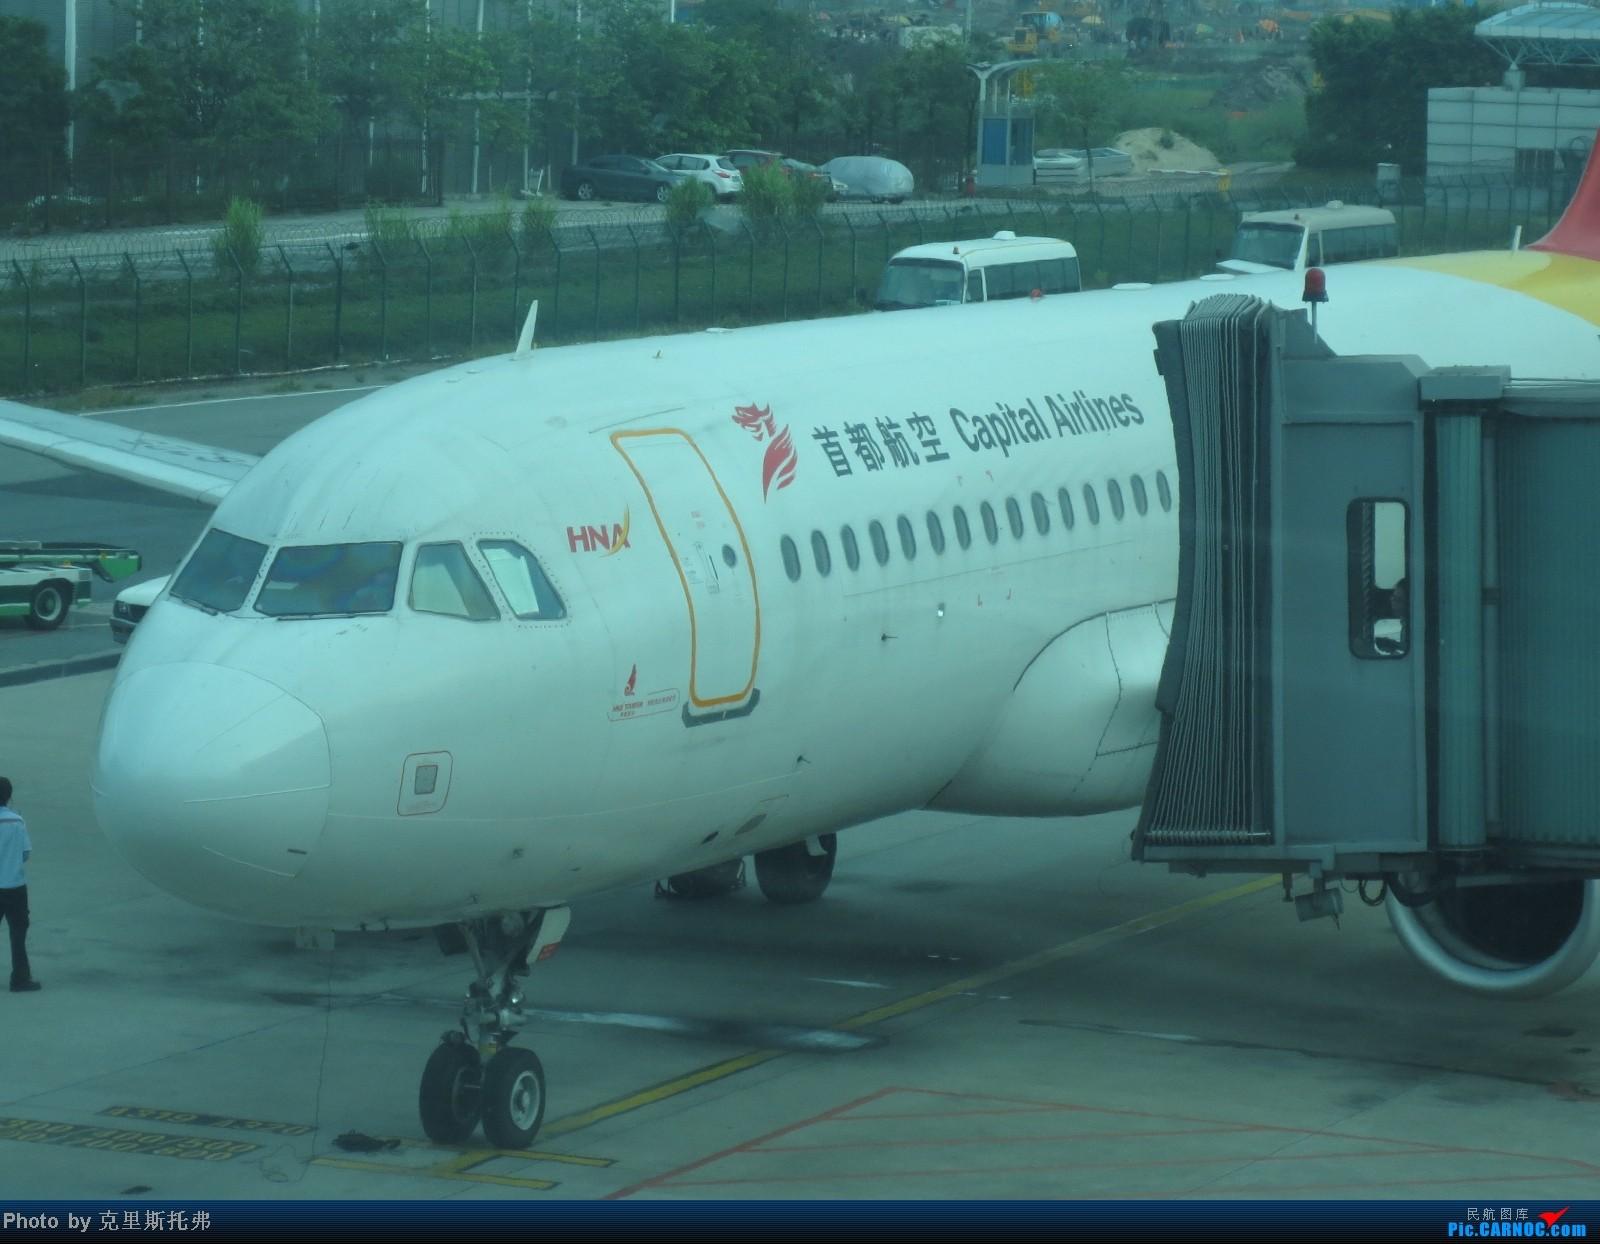 Re:[原创]【广州,你好!】八月齐鲁行 第一集 {初到齐鲁城} 不期而遇,鹏程行万里 相伴相惜,享飞行至美 AIRBUS A320-200 B-6275